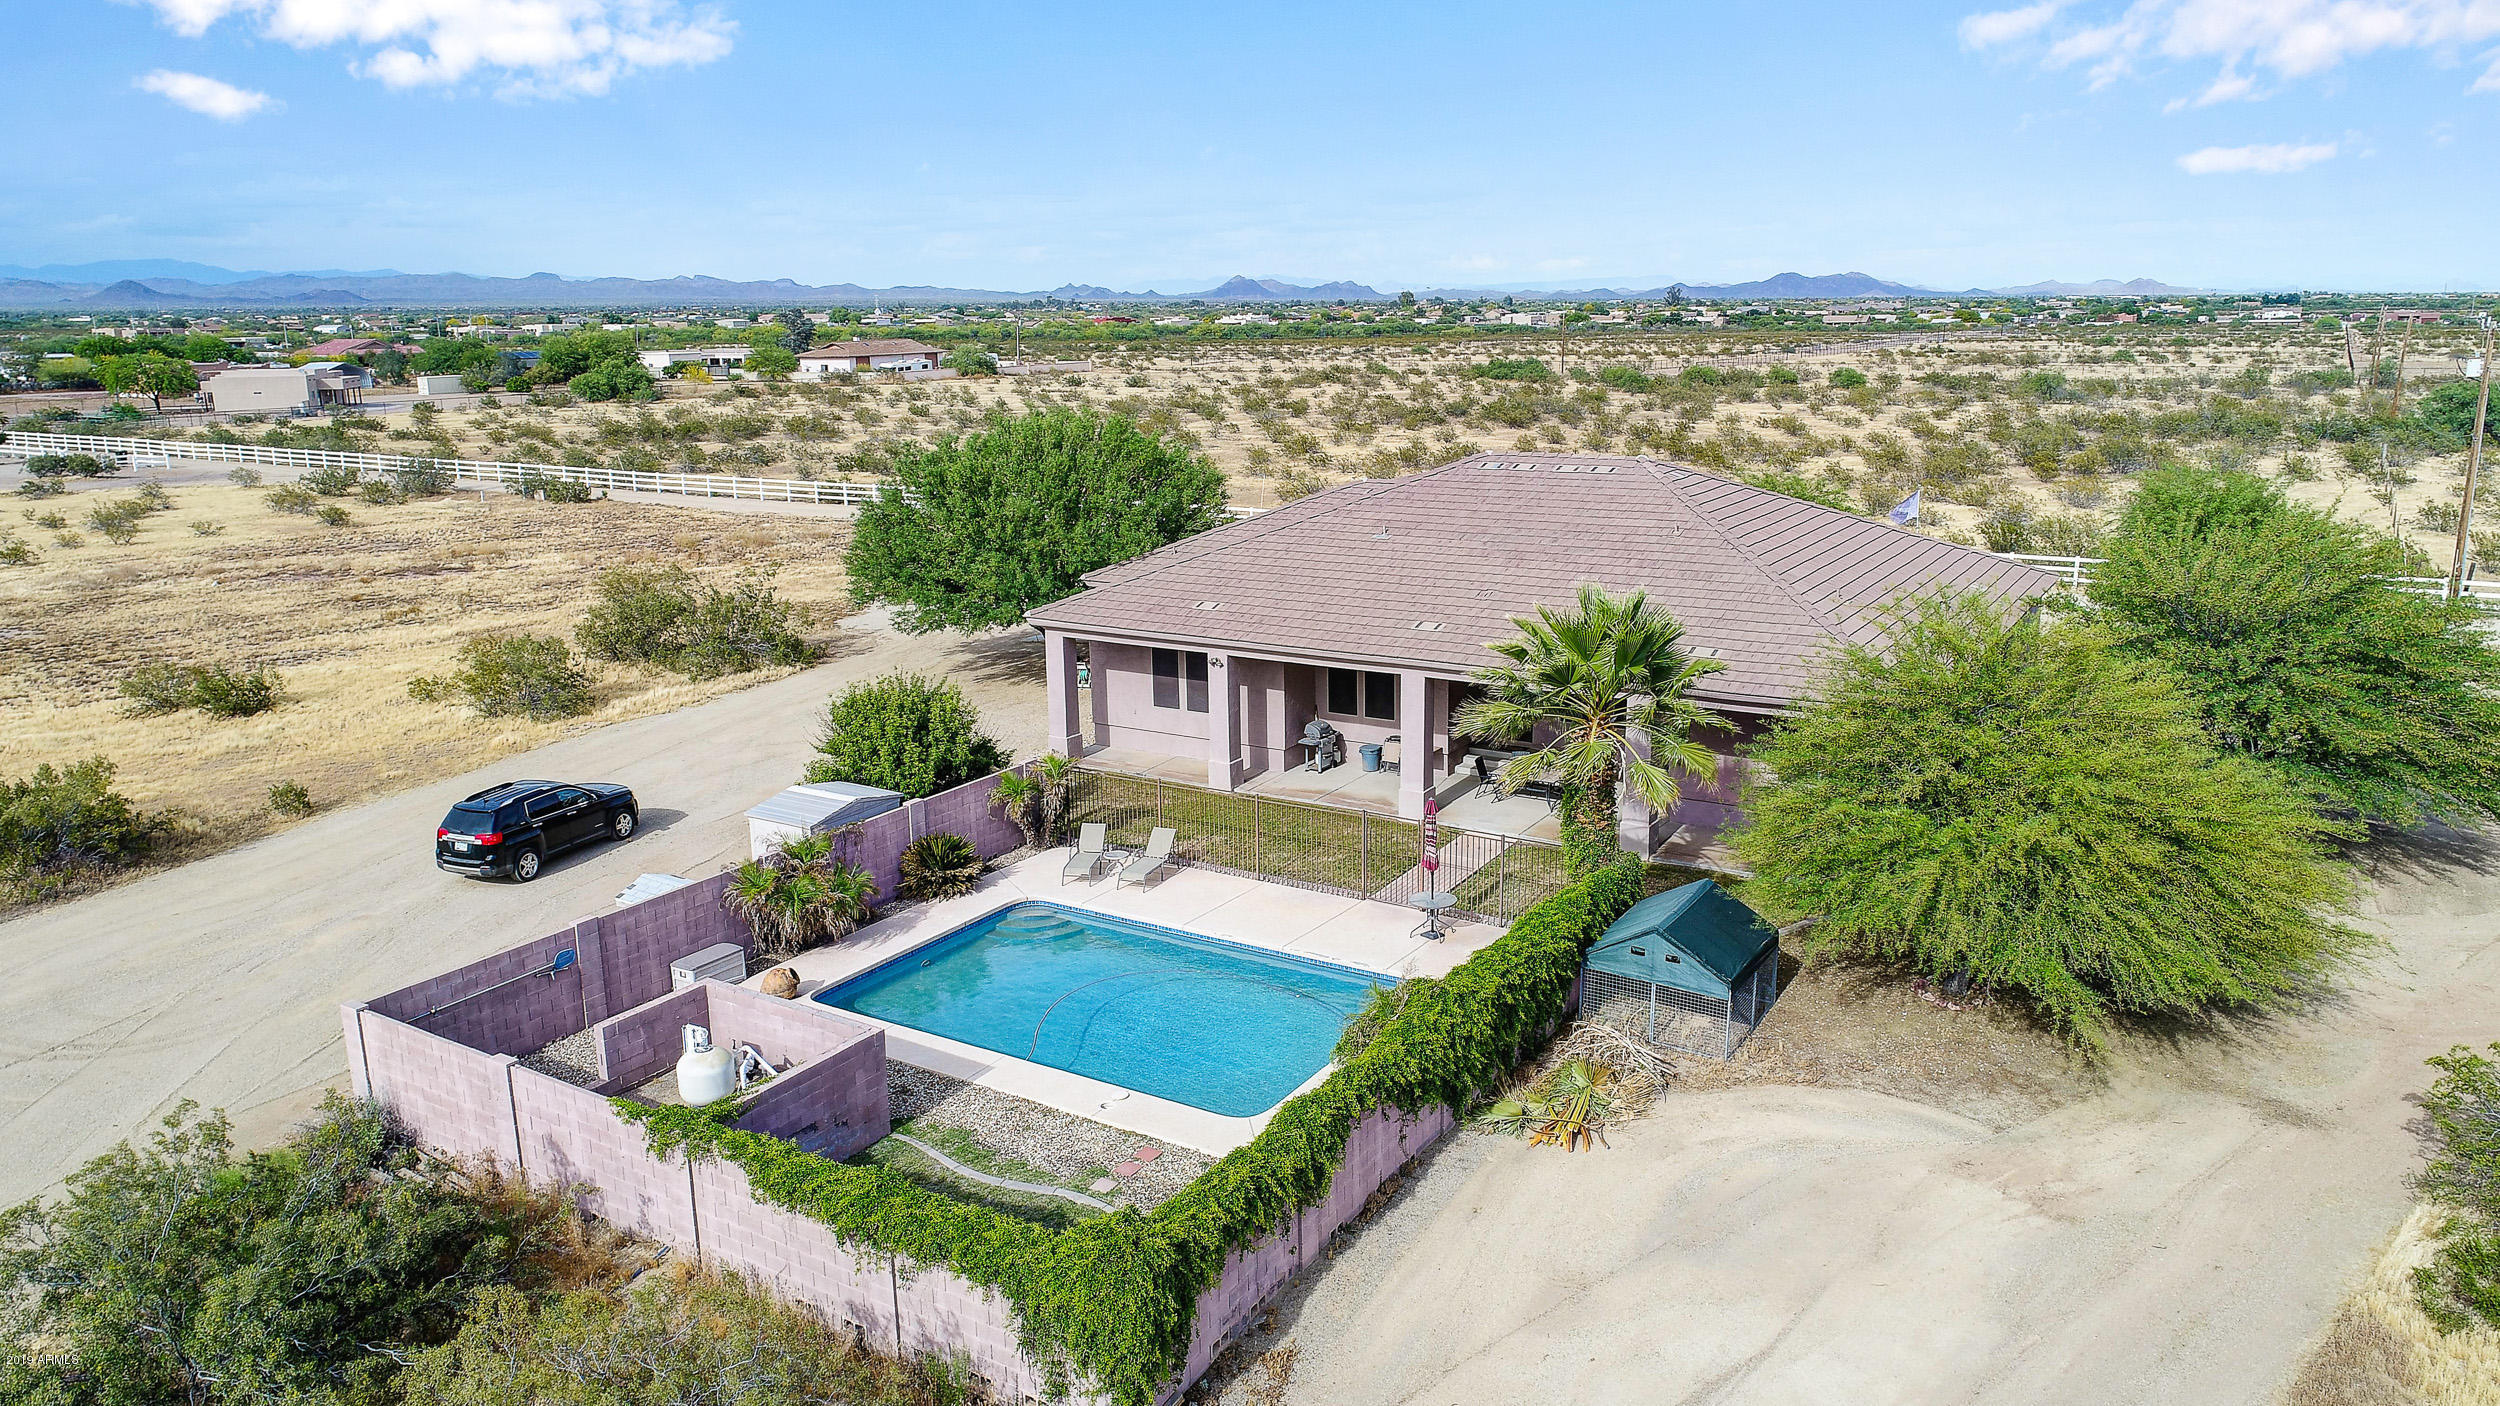 Photo of 30812 N 228TH Avenue, Wittmann, AZ 85361